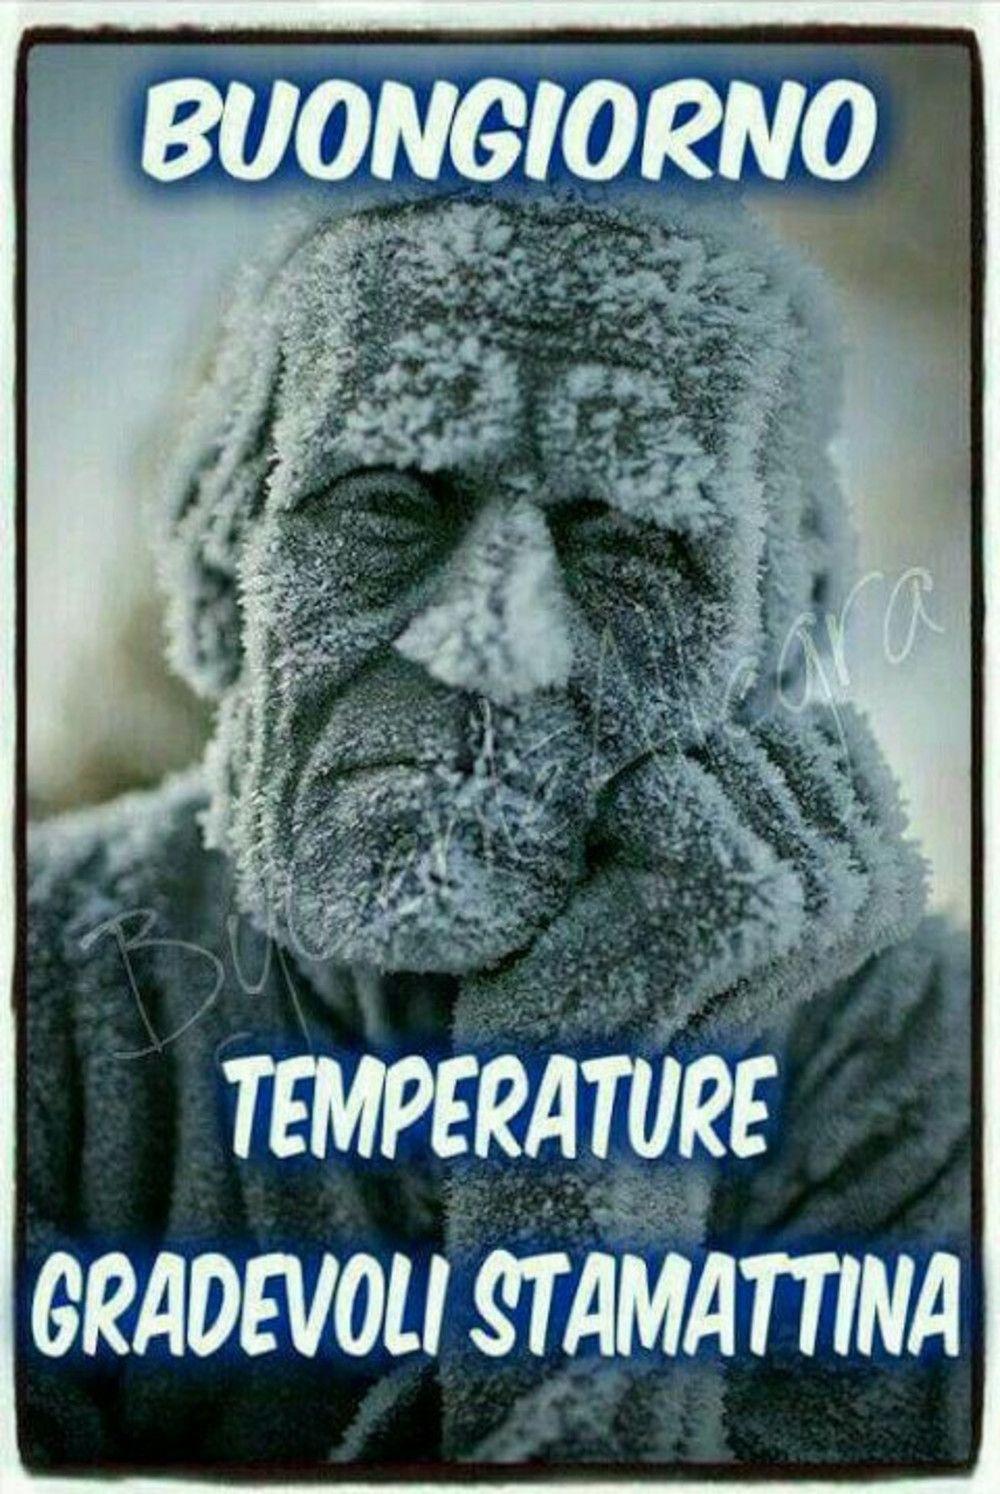 Il Freddo Quando Arriva buongiorno che freddo immagini da ridere | buongiorno